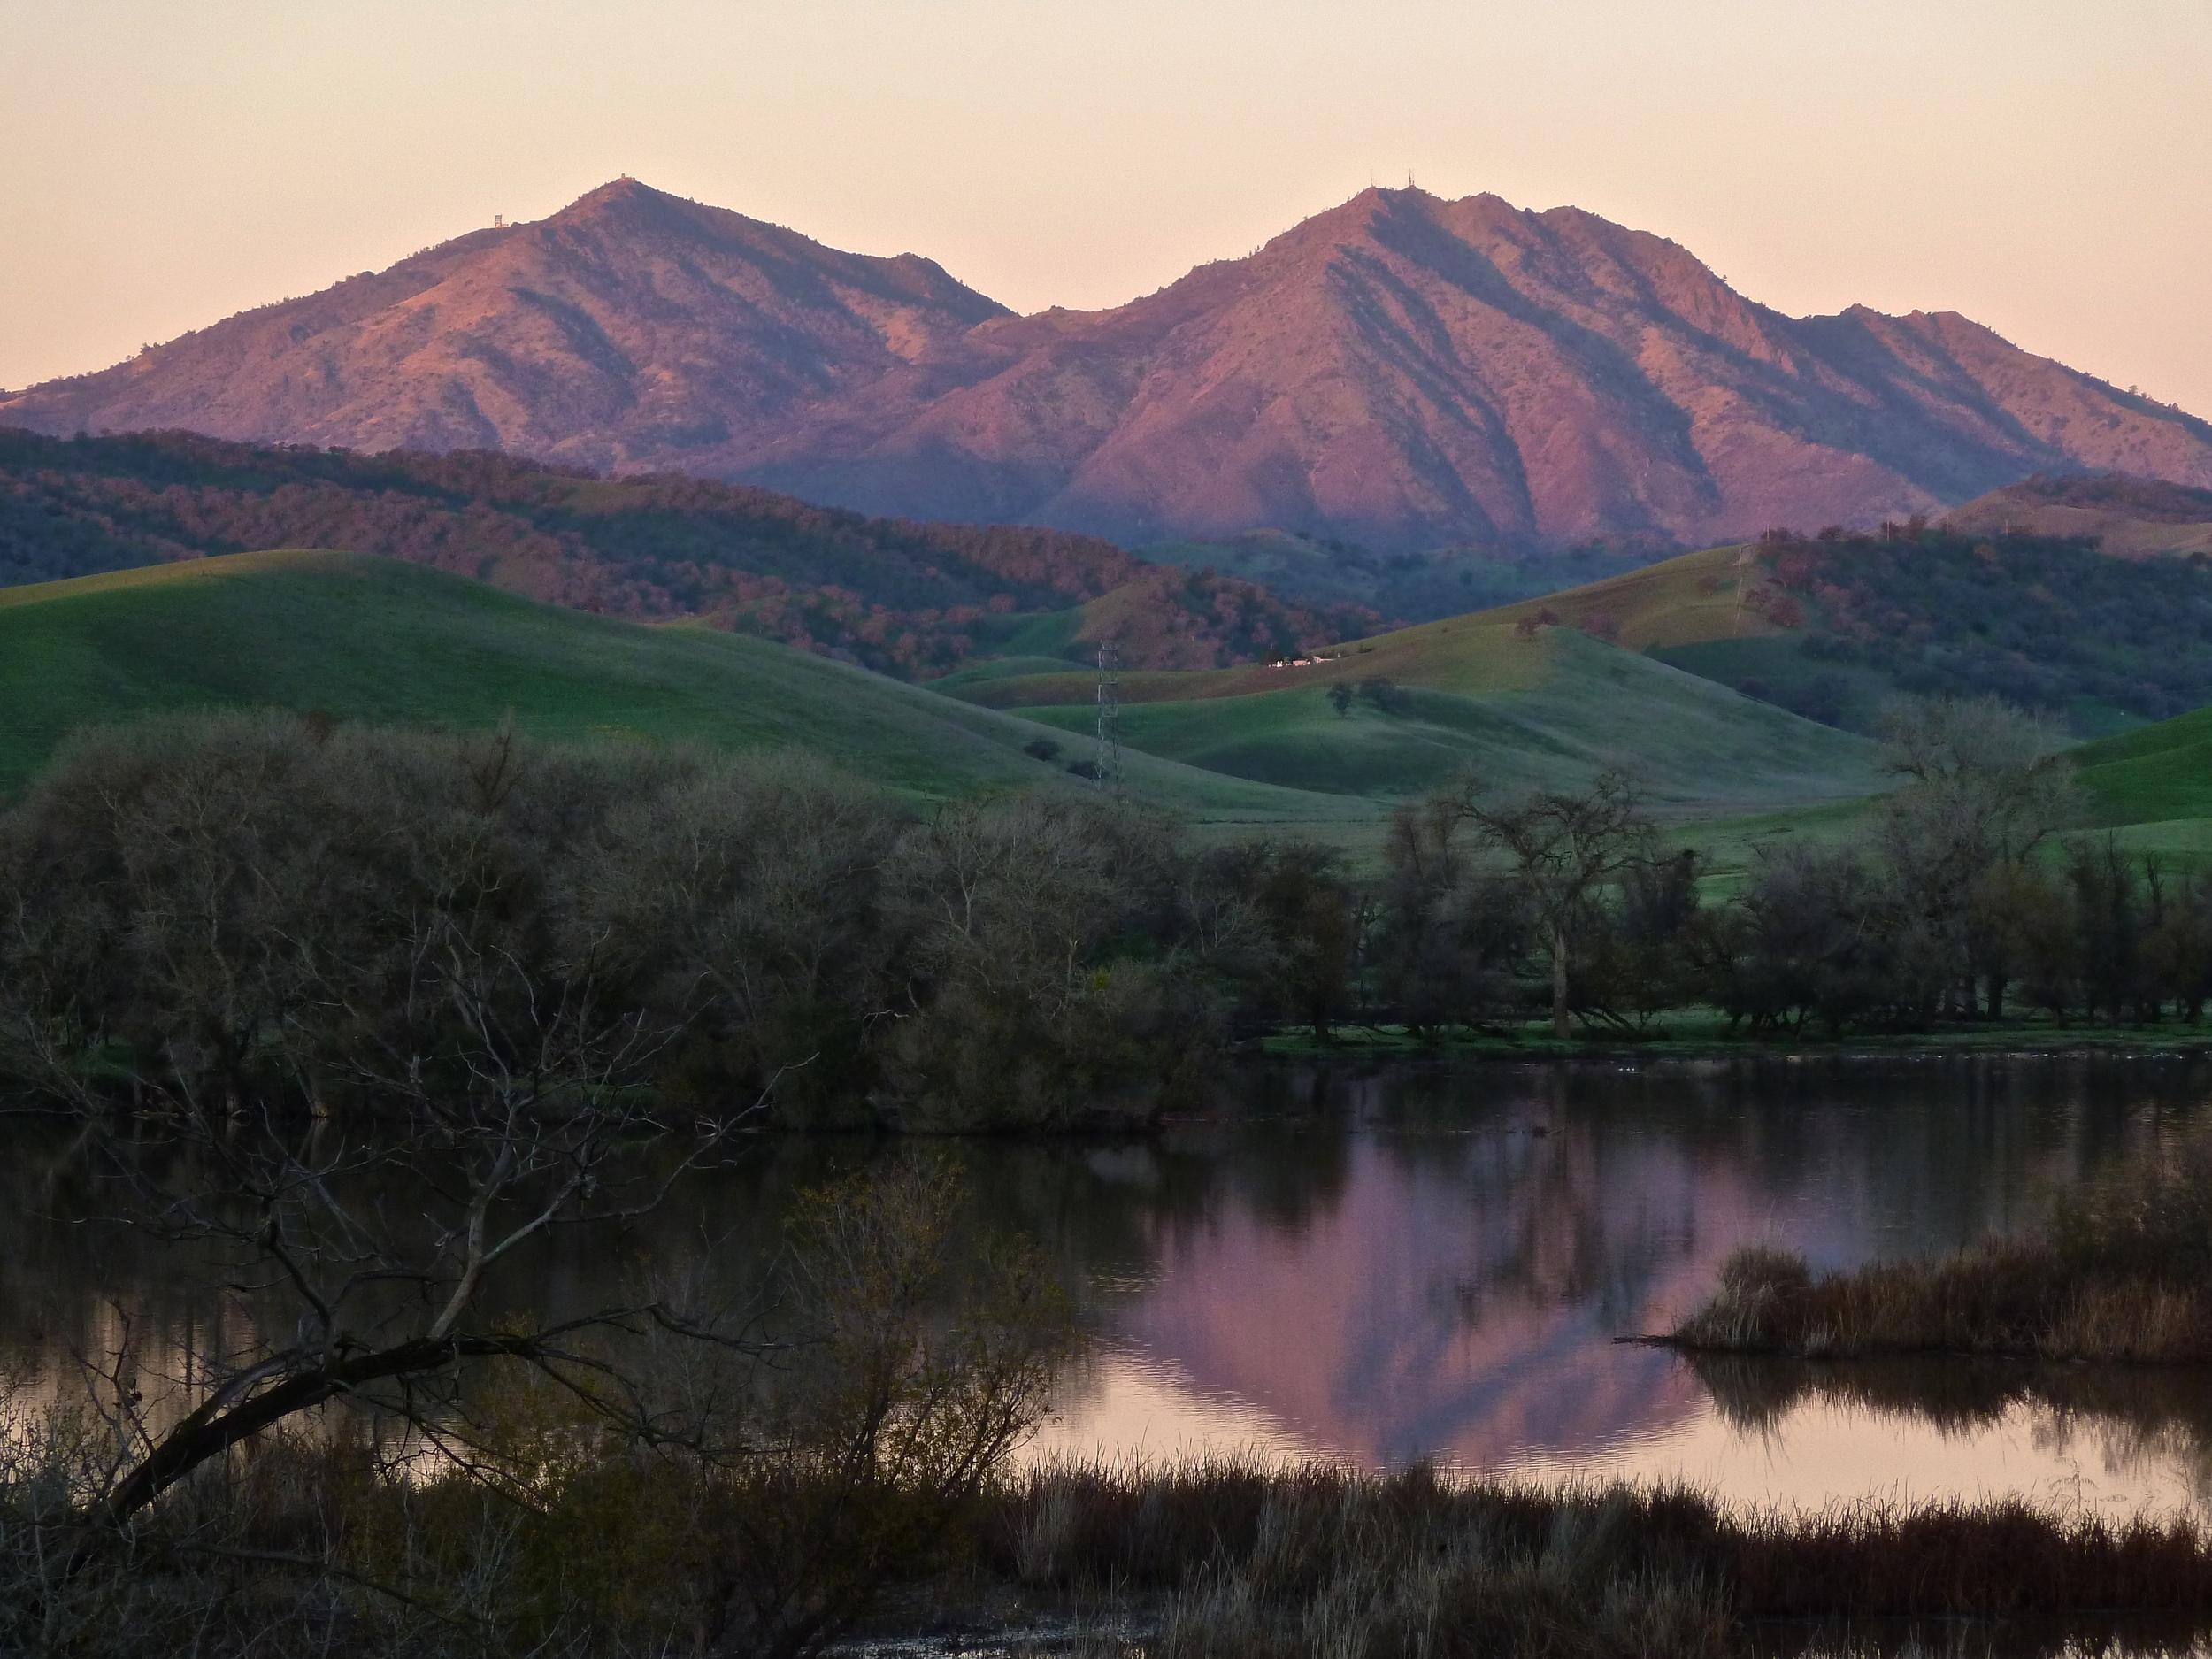 Mt. Diablo at sunrise viewed from Marsh Creek Reservoir.